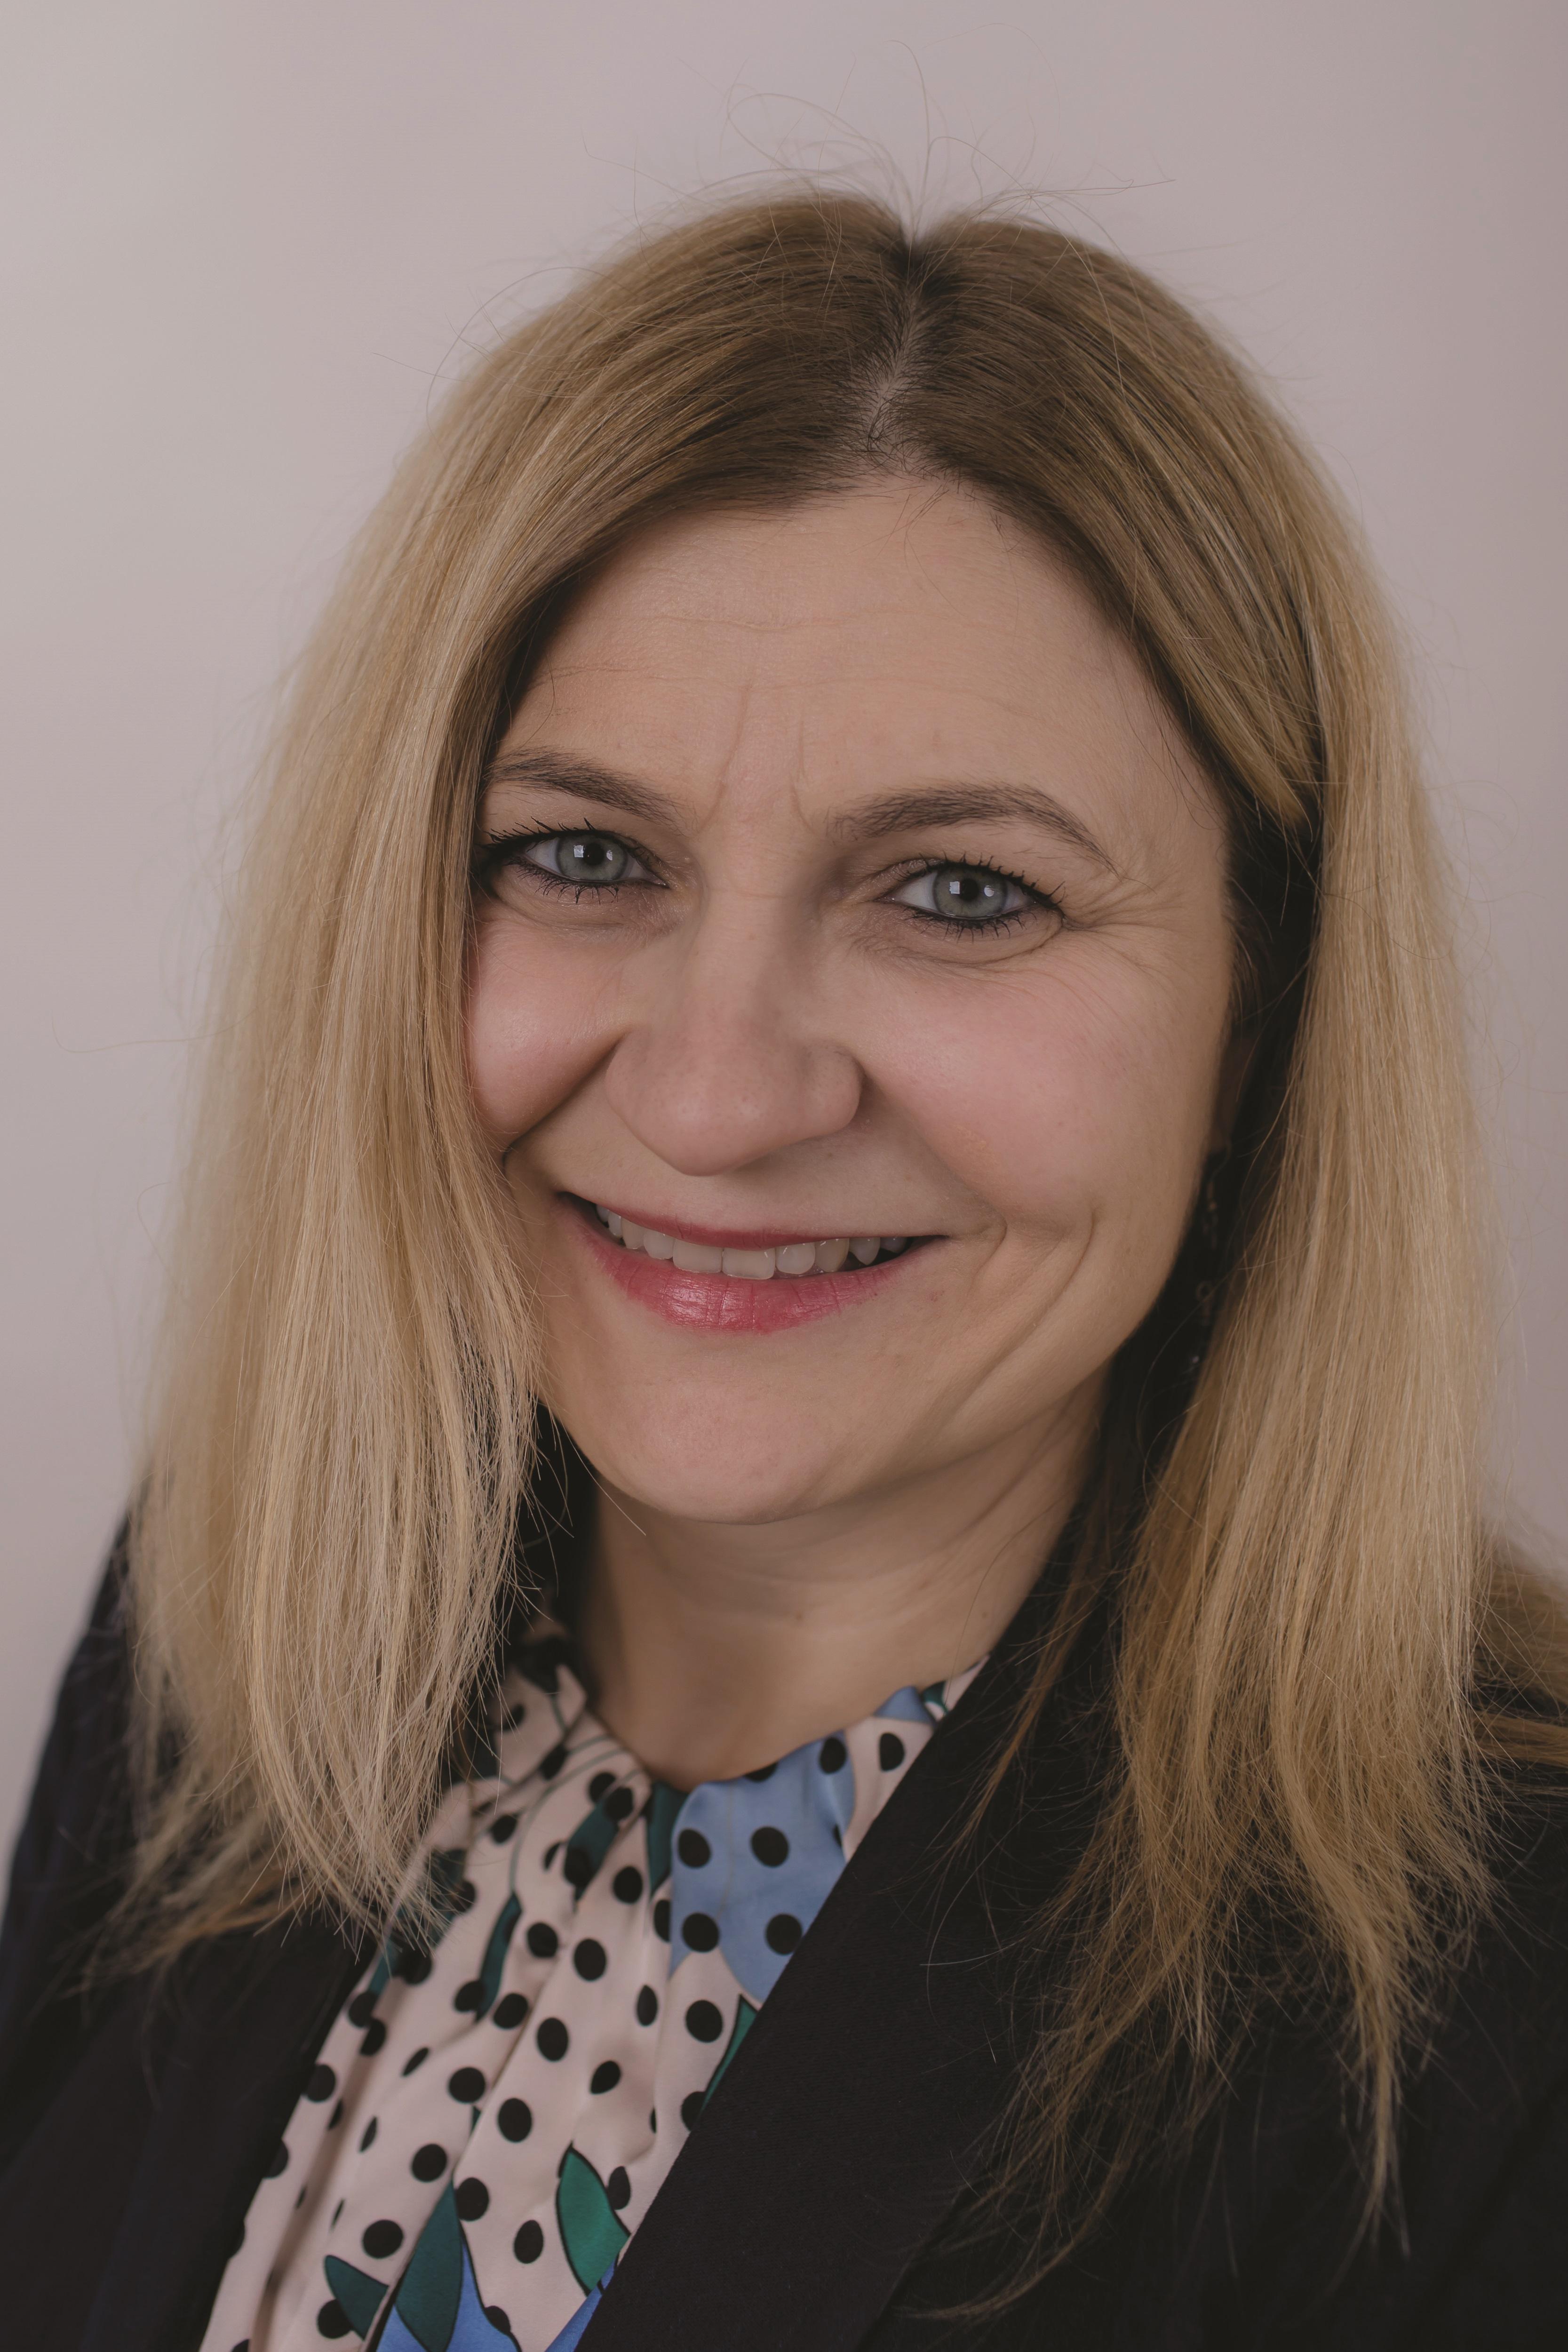 Marina Ljalko